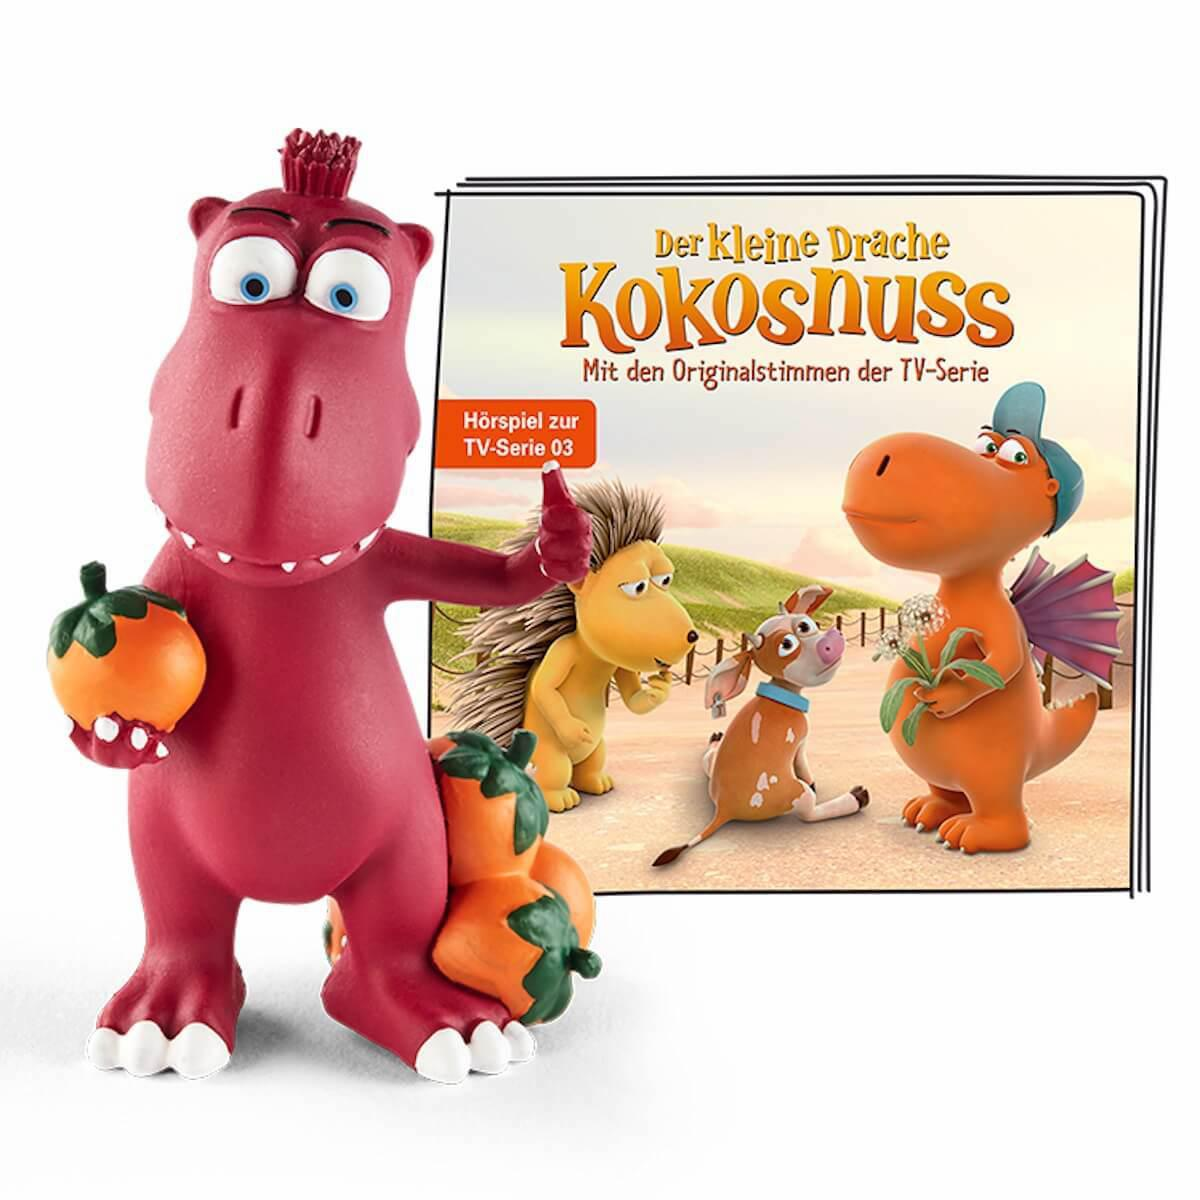 Hörspielfigur TONIES Der kleine Drache Kokosnuss 3